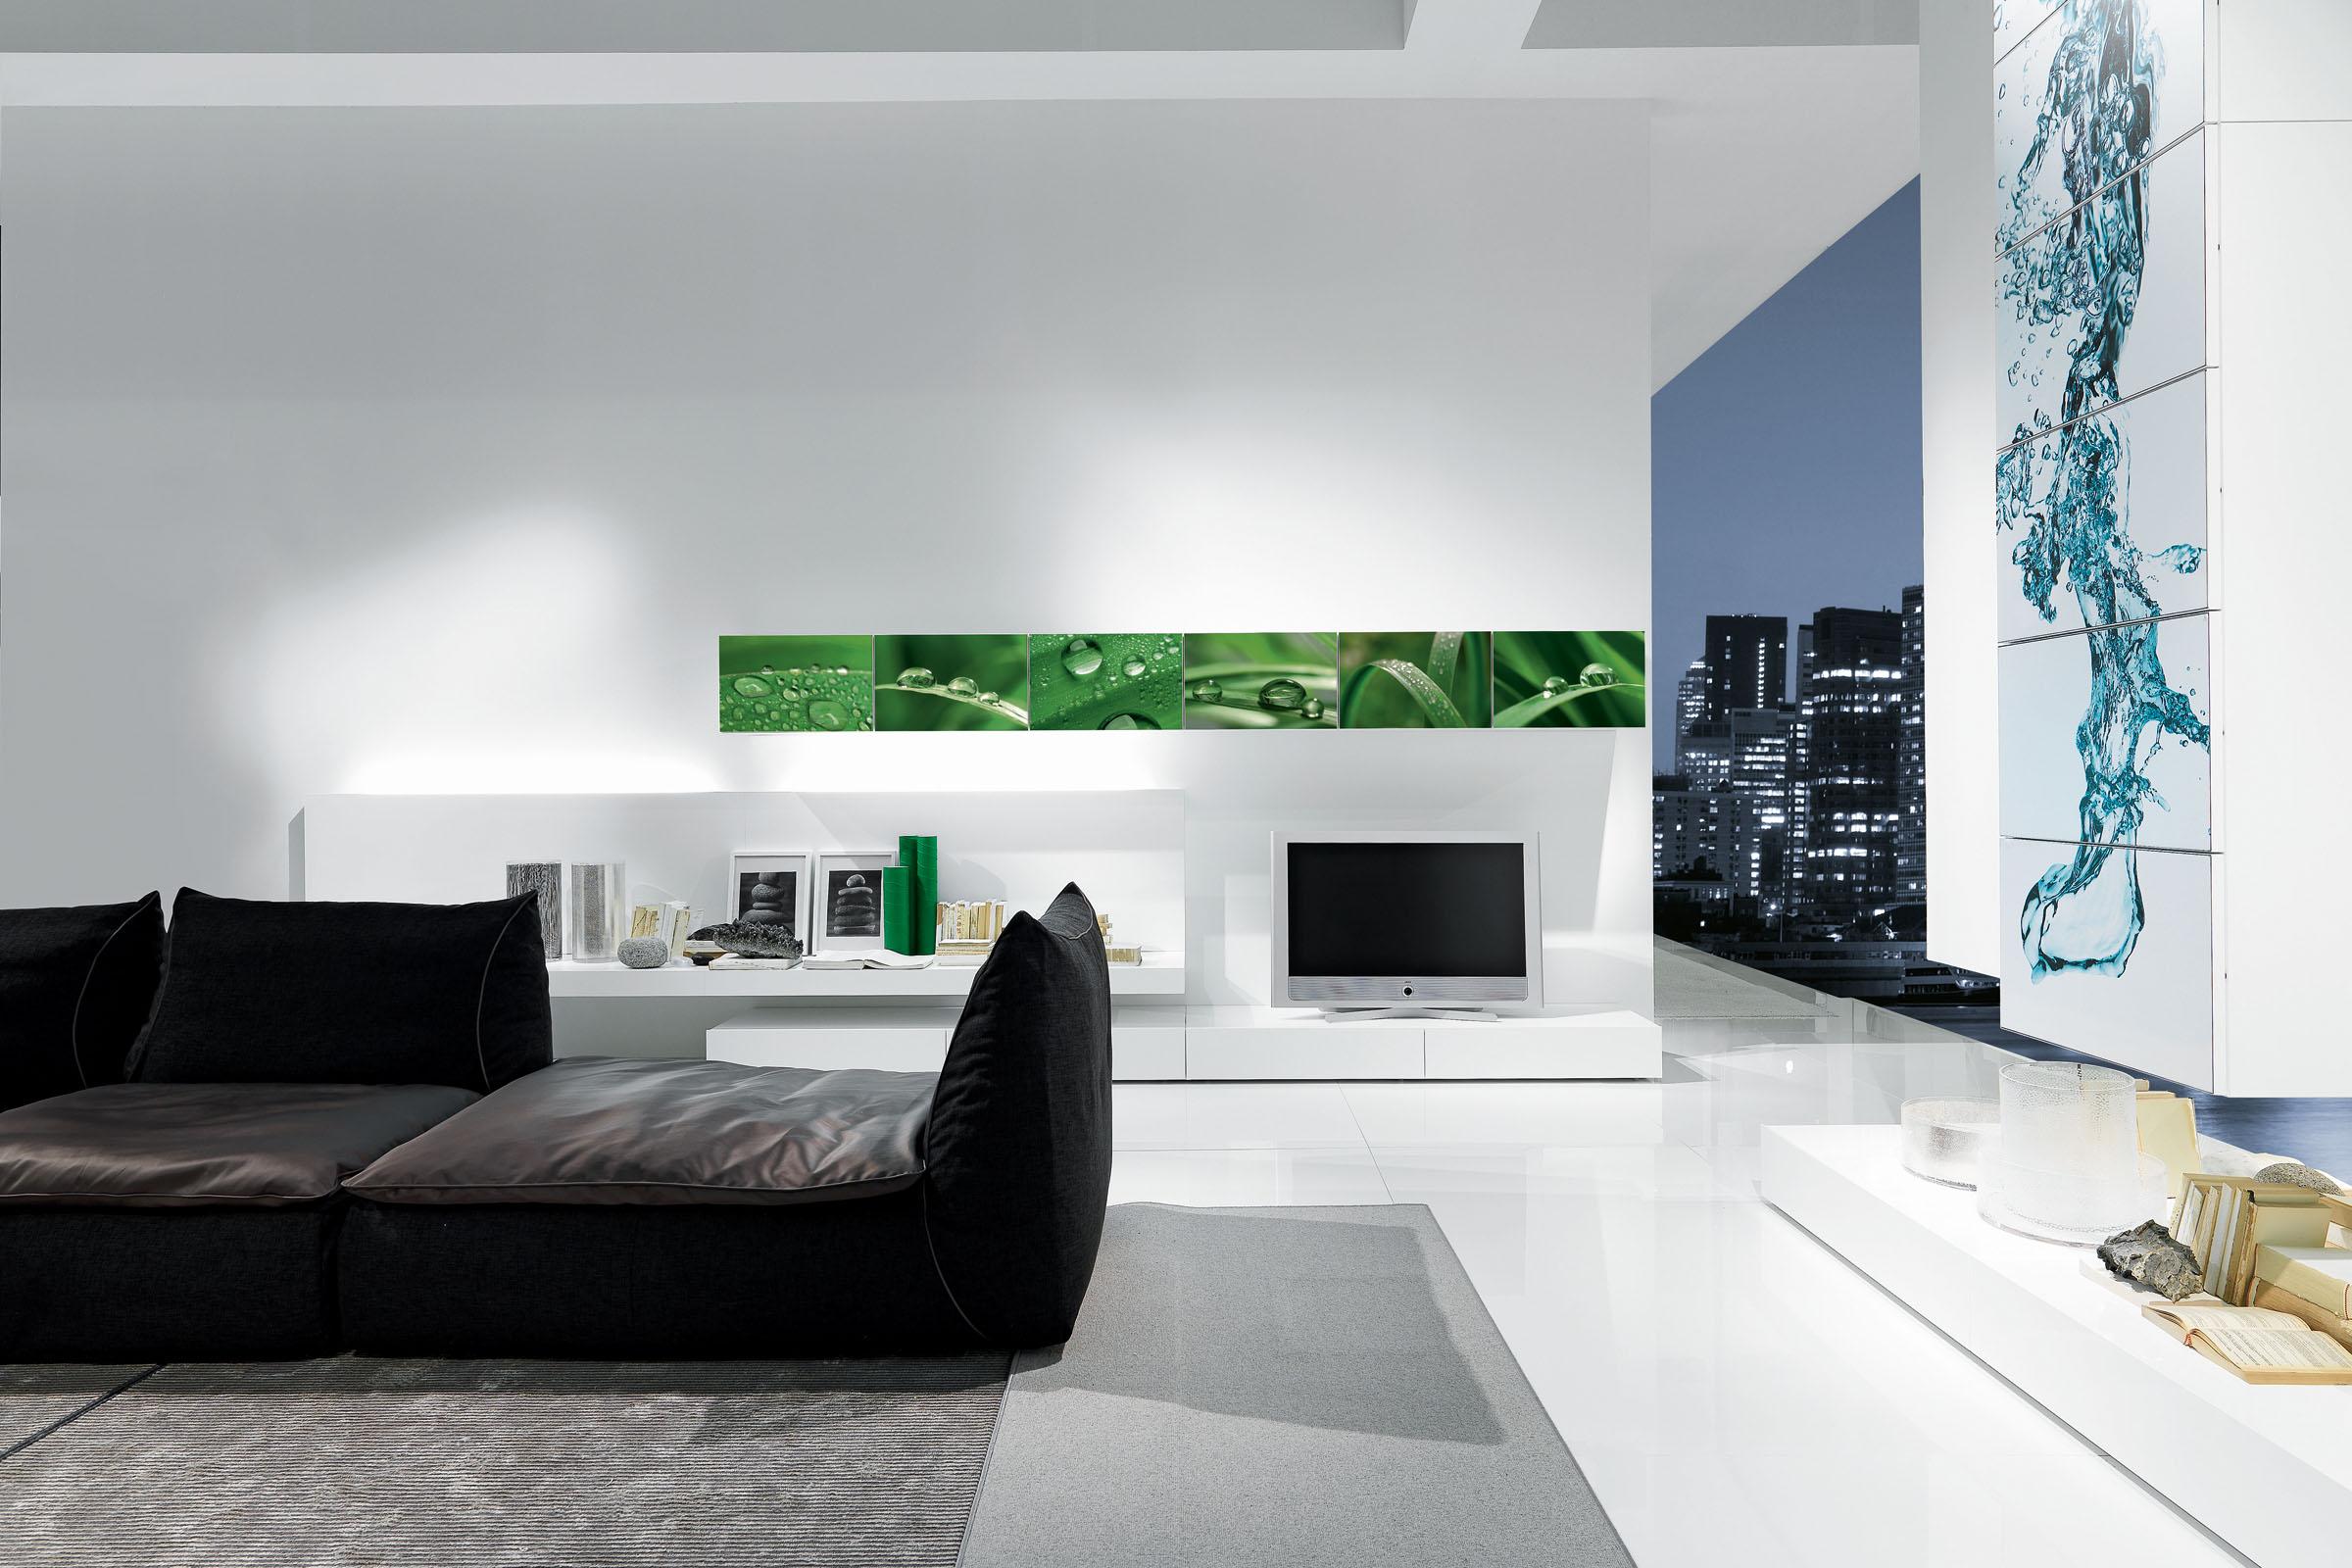 soggiorno moderno componibile presotto i modulart 6 - acquistabile ... - Soggiorno Moderno